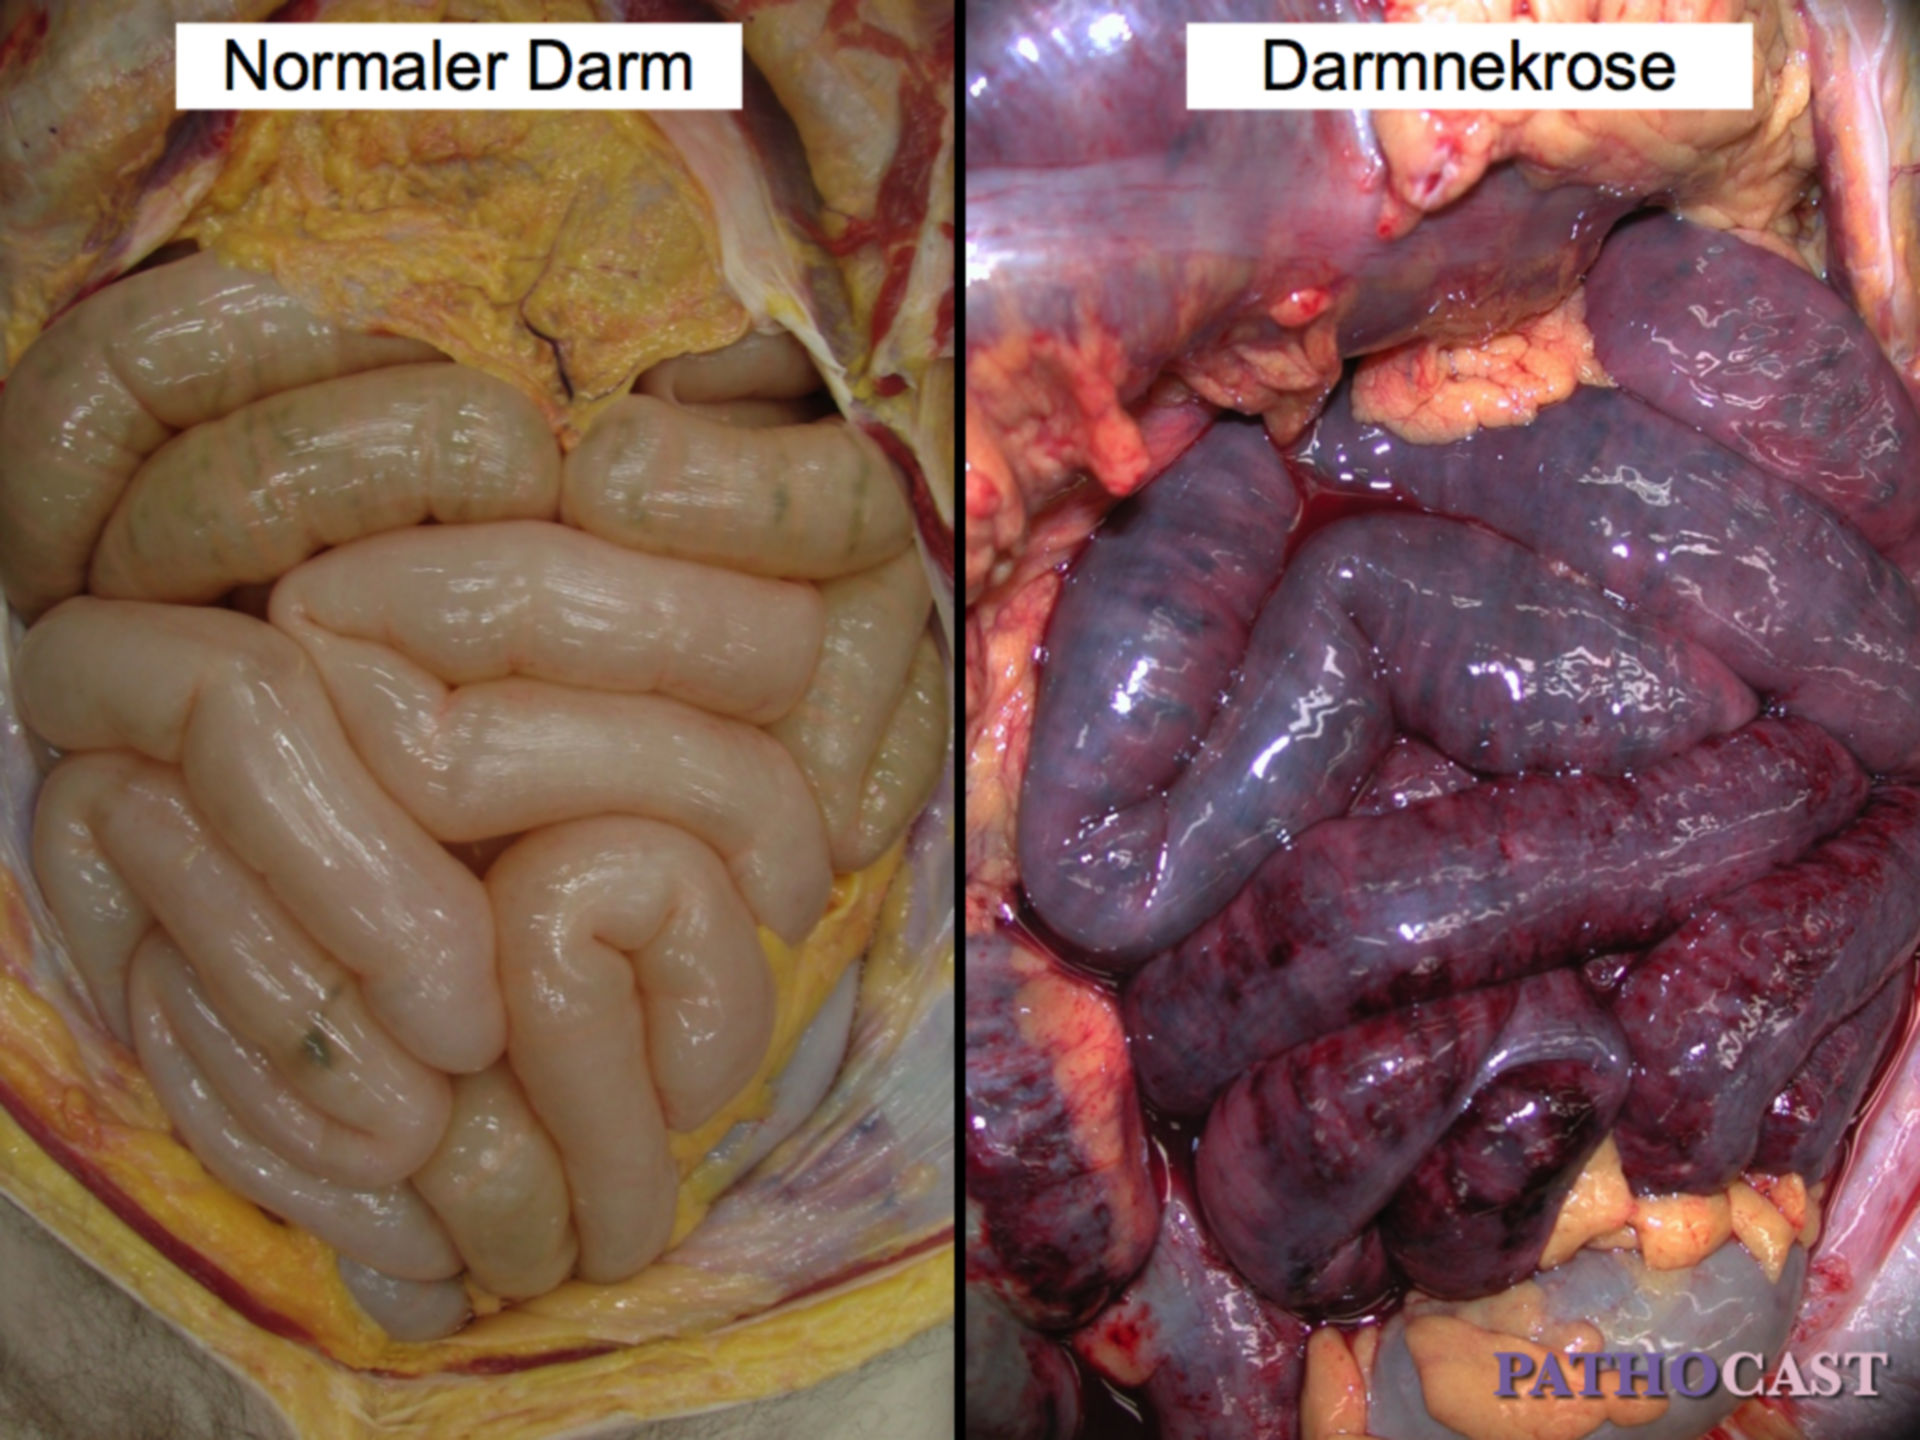 Hämorrhagische Darmnekrose